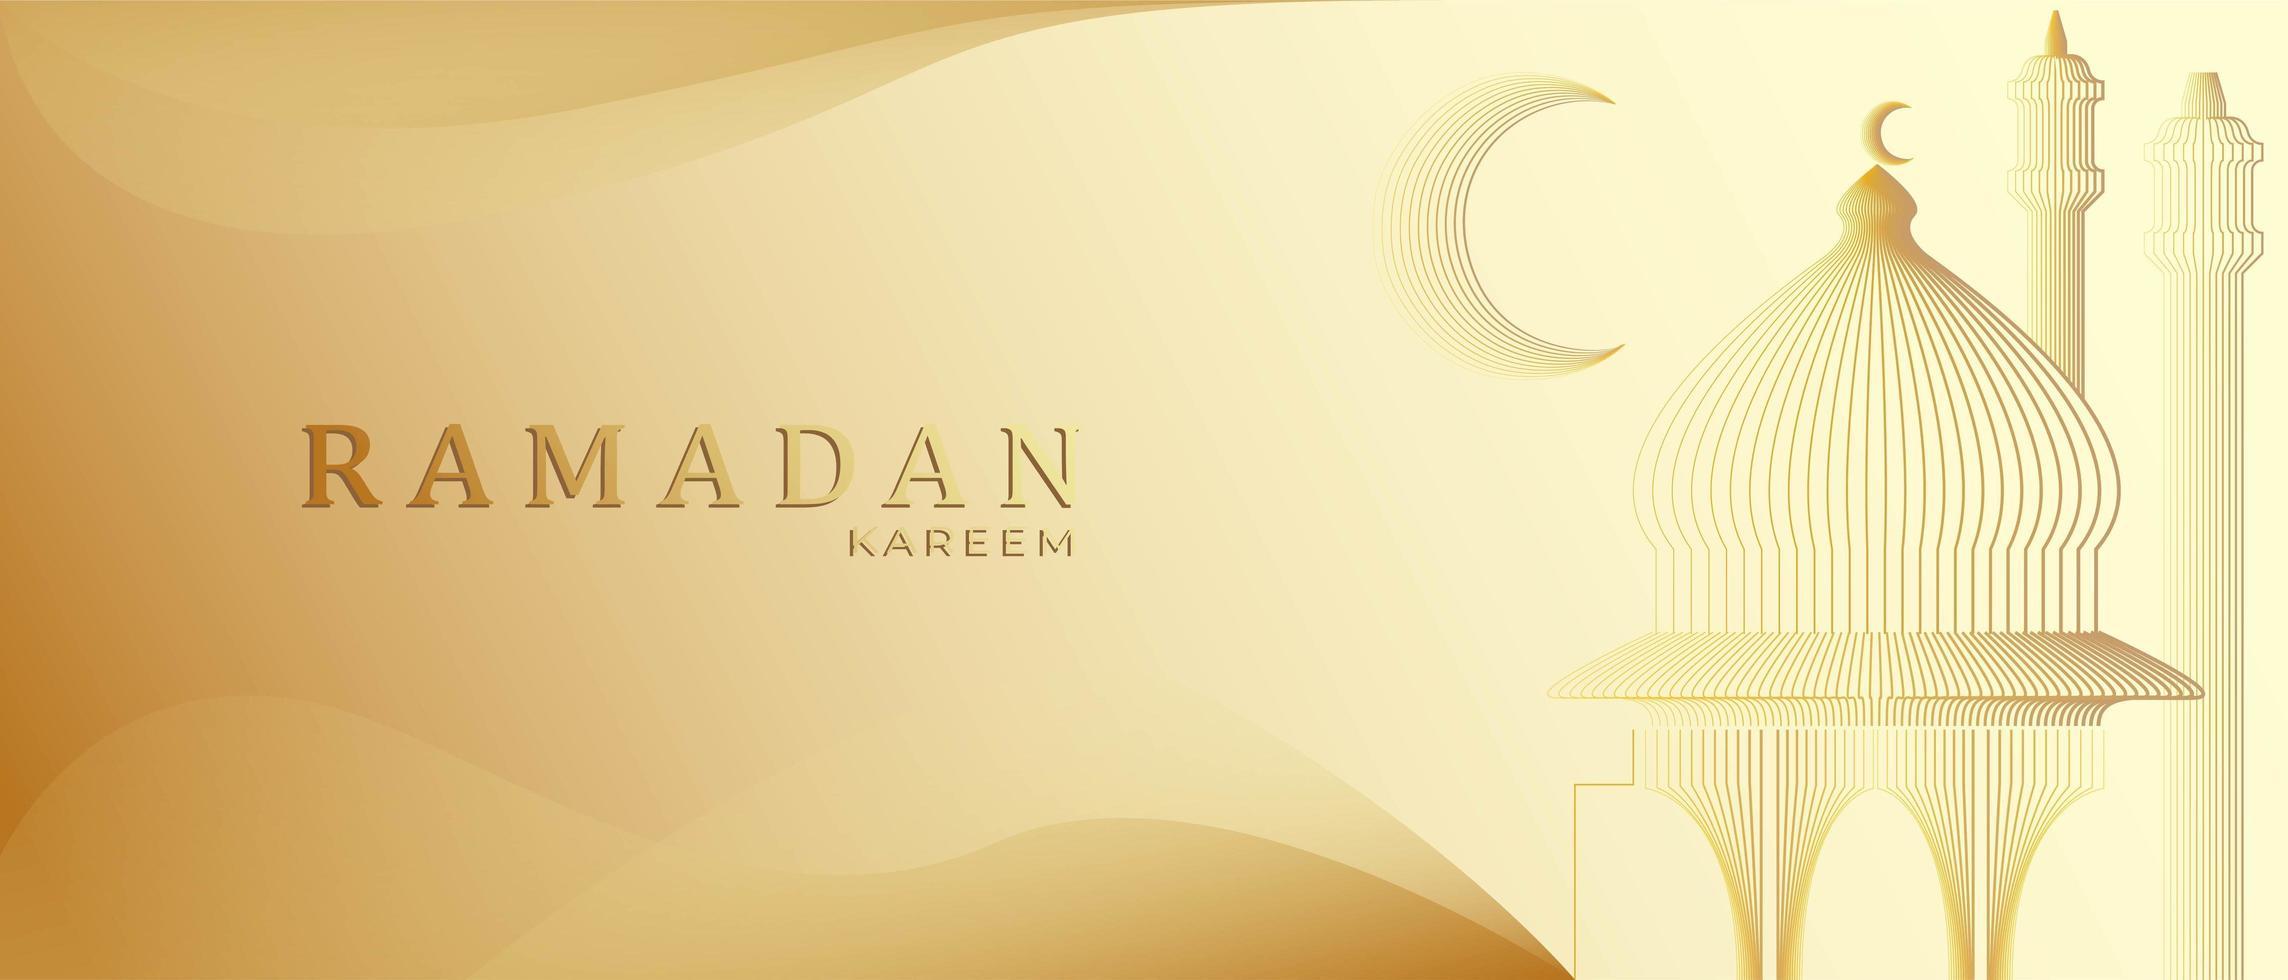 sfondo dorato ramadan kareem con spazio per la progettazione di banner vettore